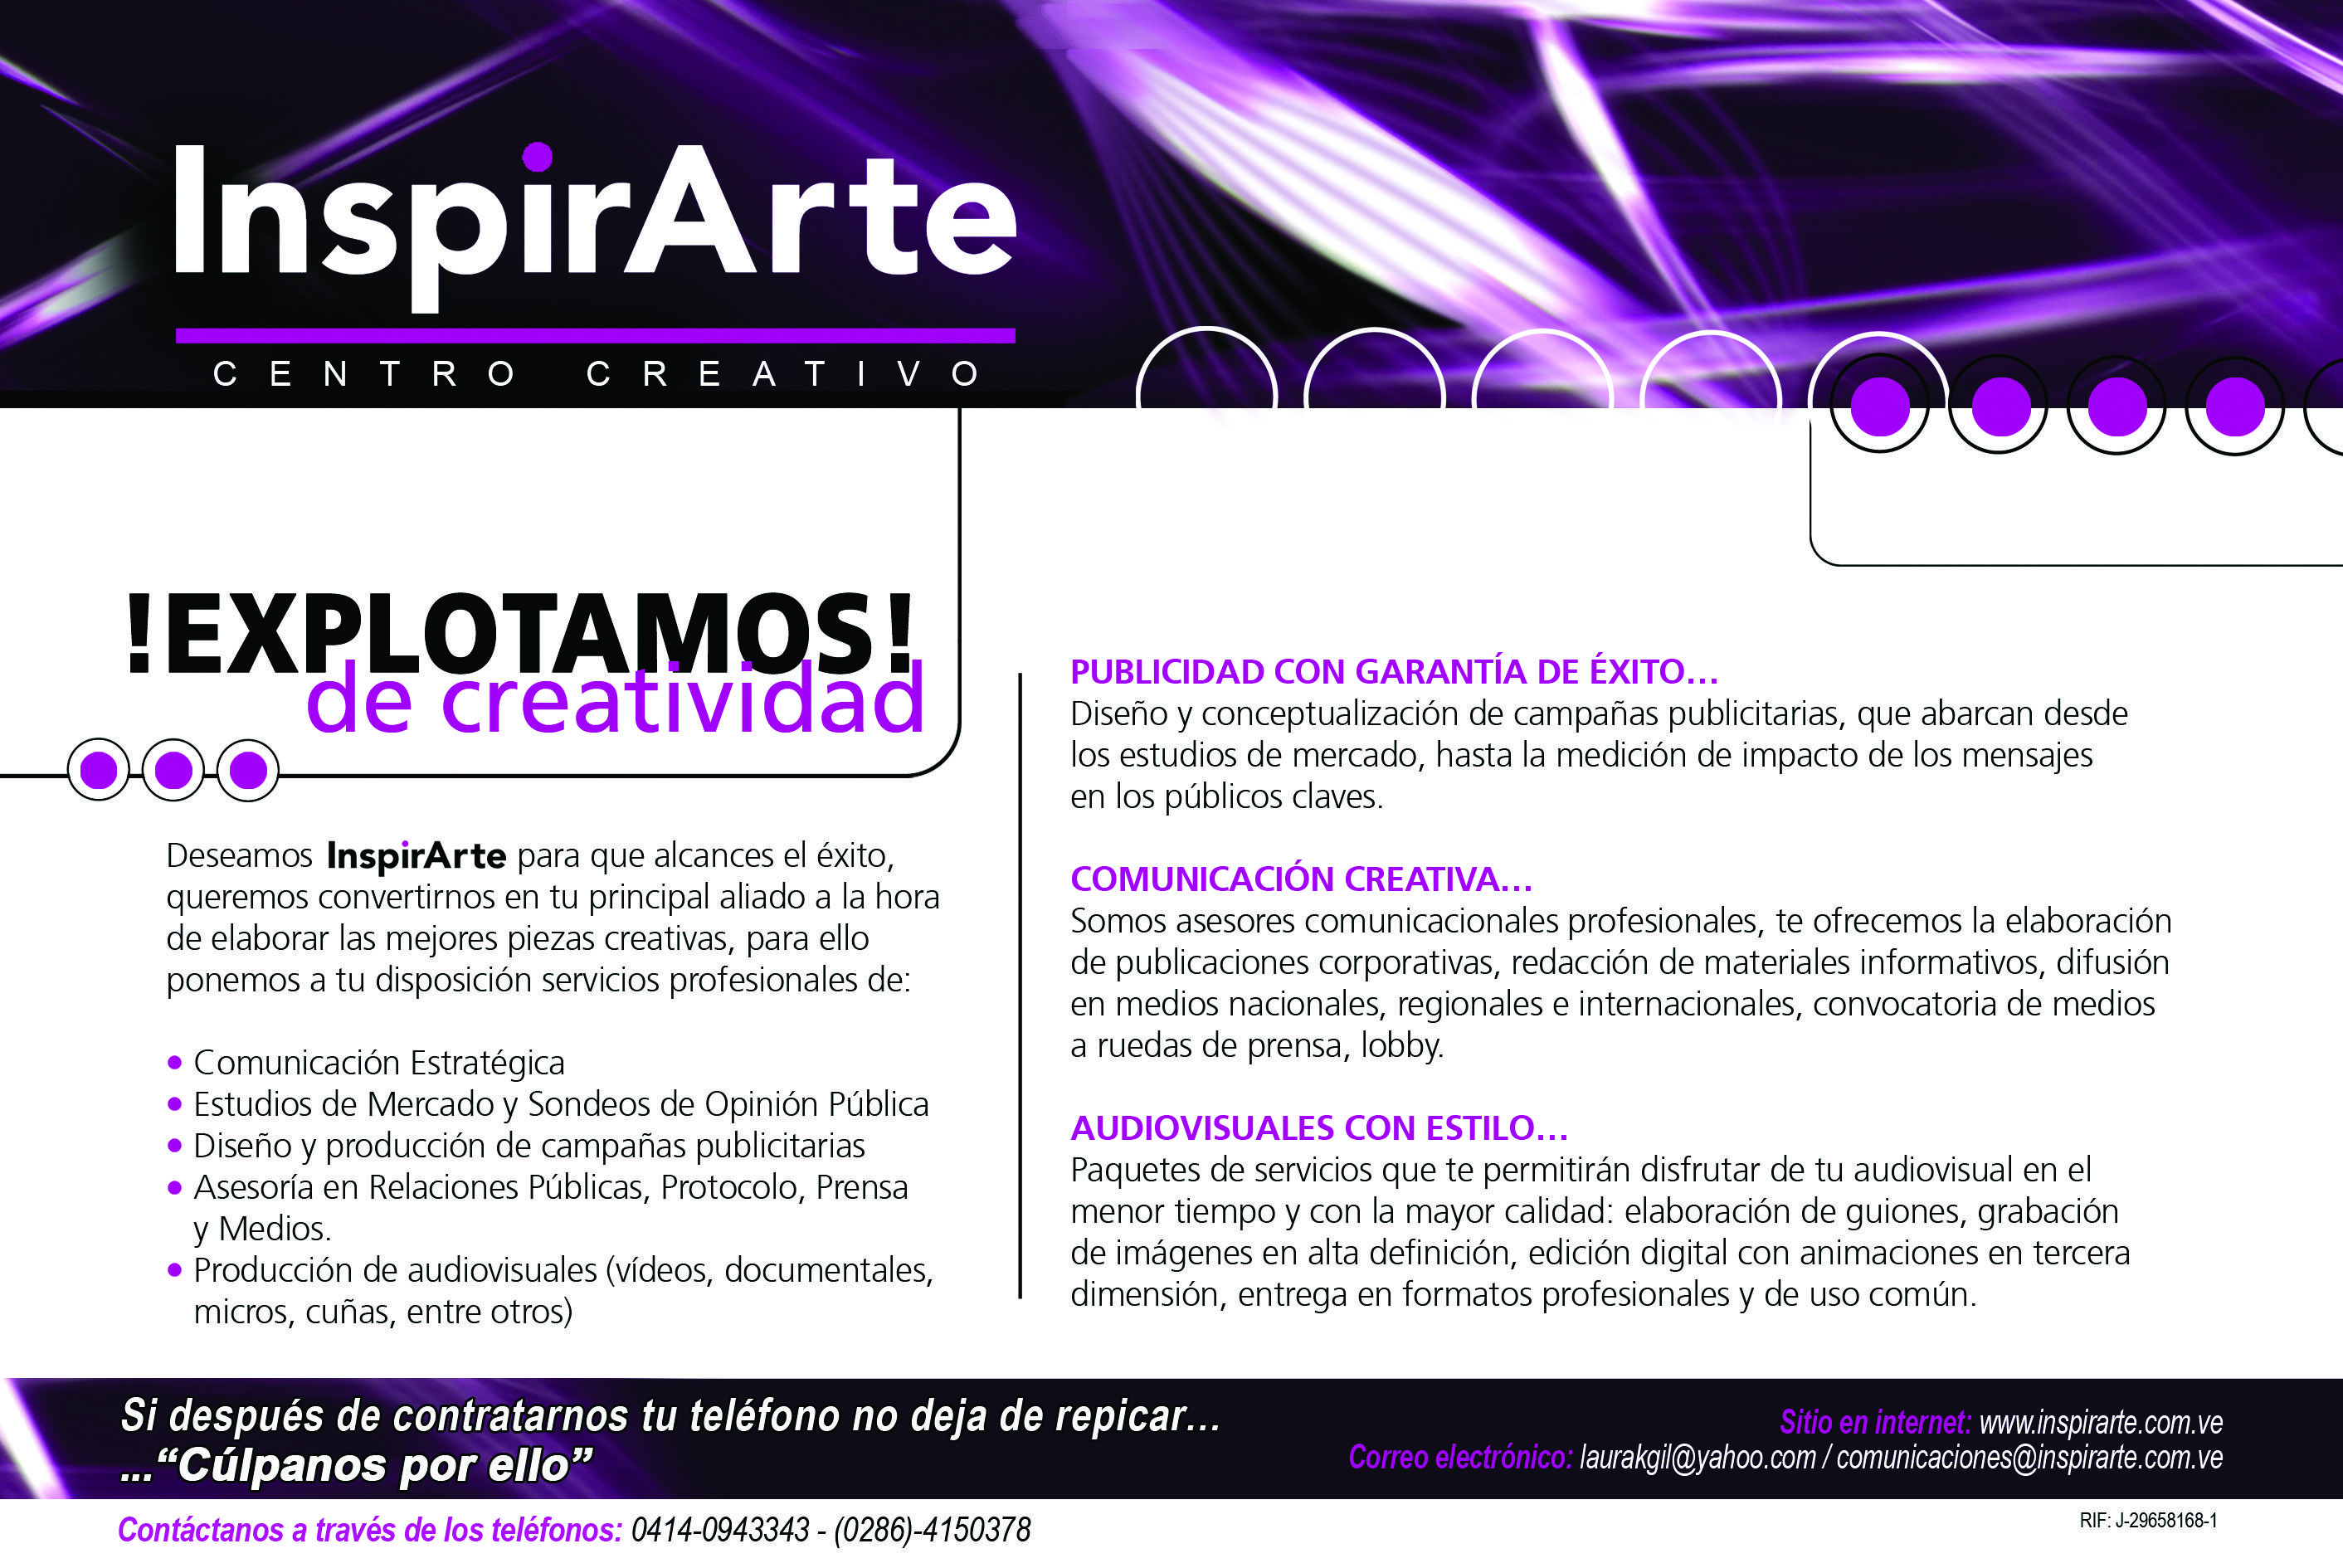 Inspirarte Centro Creativo pone a tu servicio toda una gama de productos y servicios publicitarios para hacer brillar a tu marca.